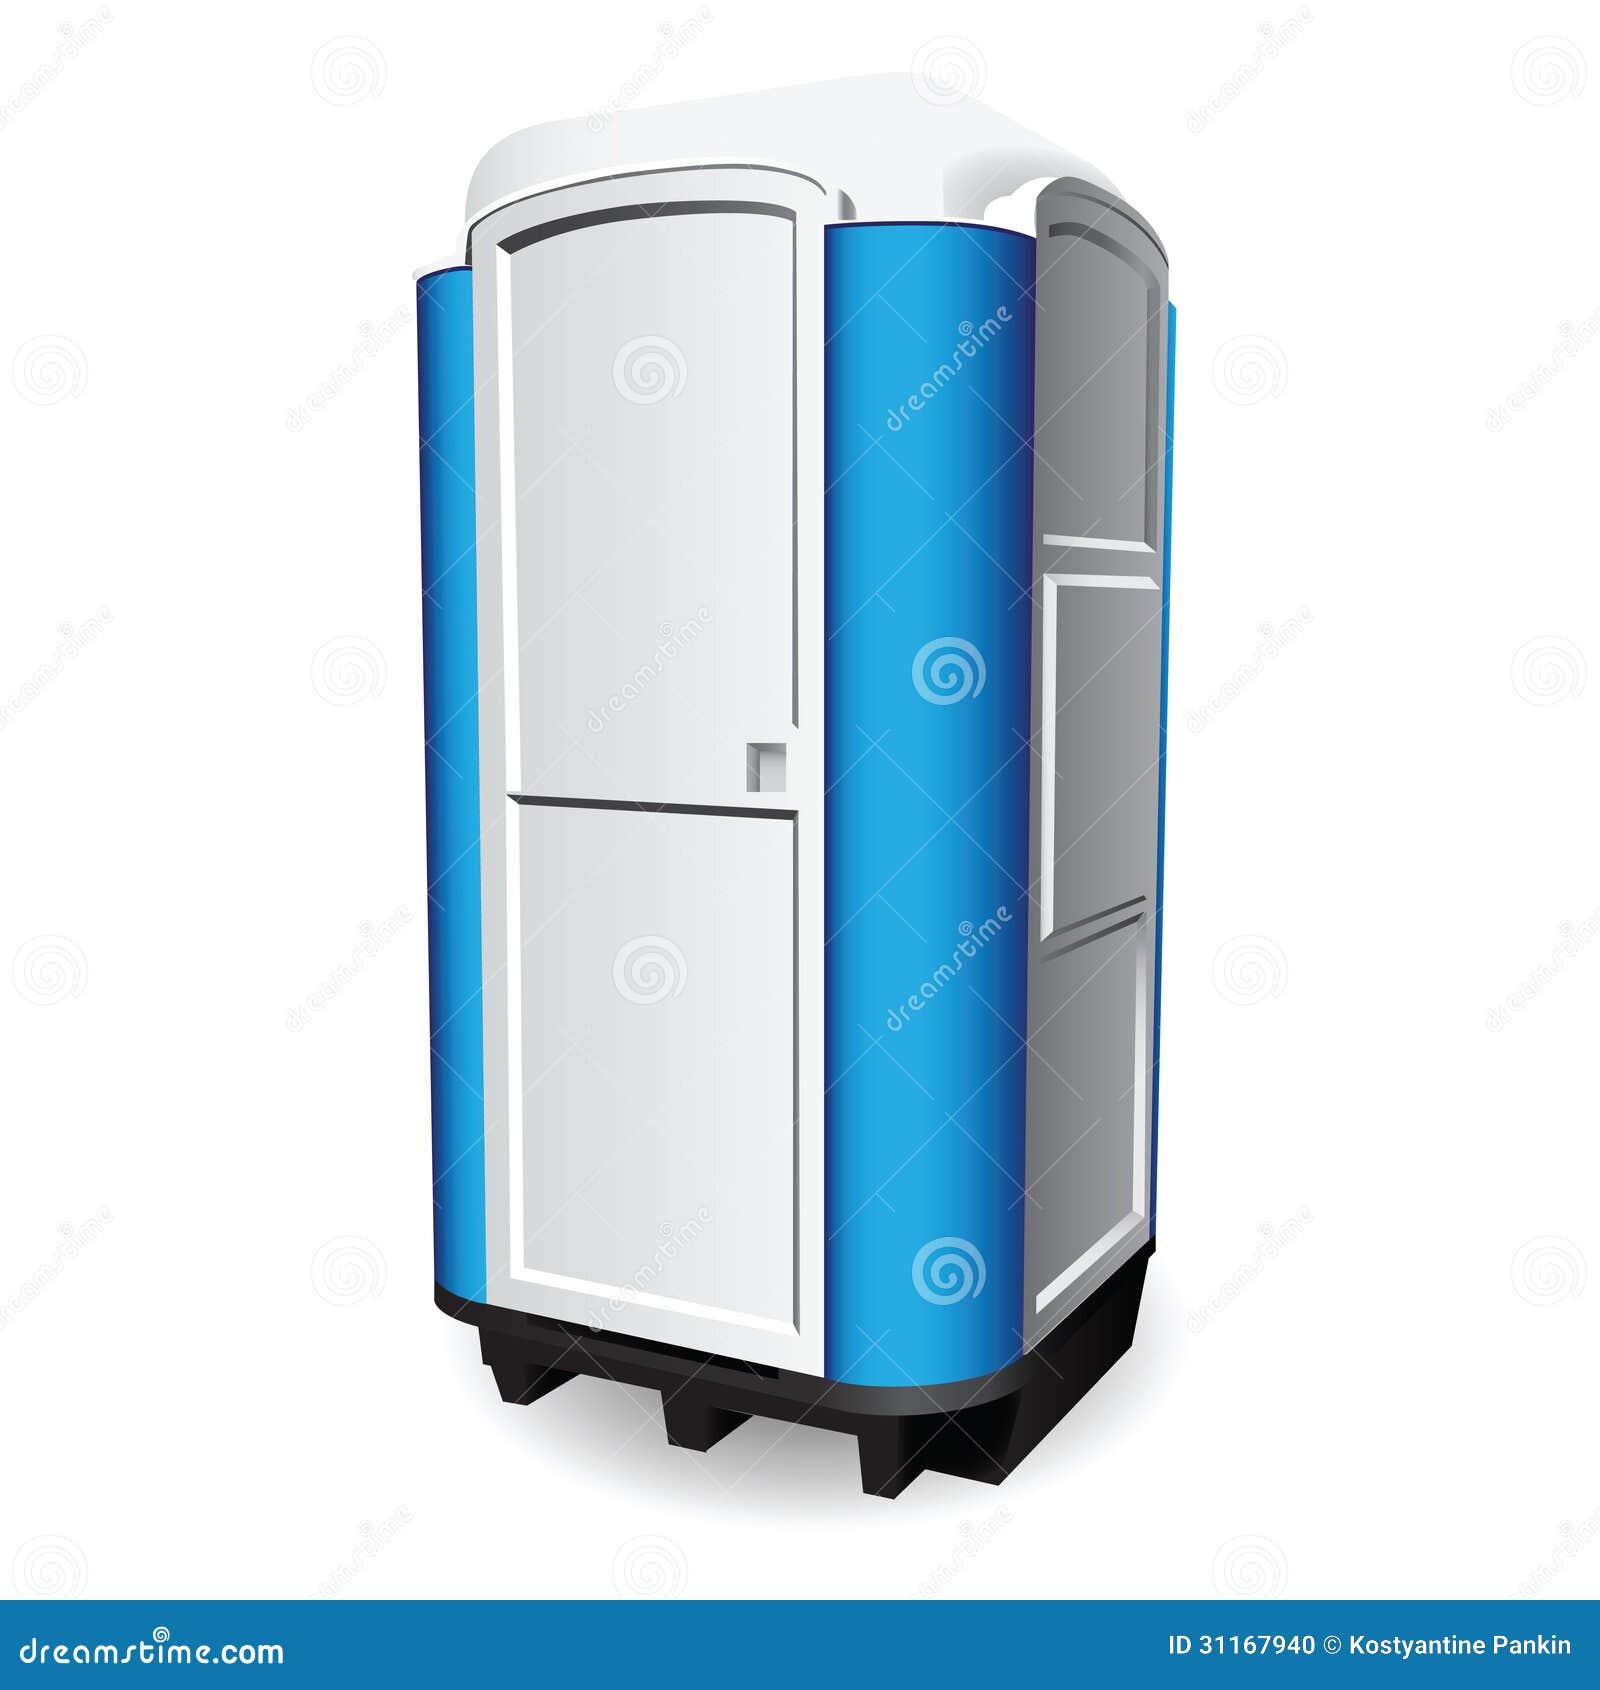 Portable toilet stock photo image 31167940 for Free portable